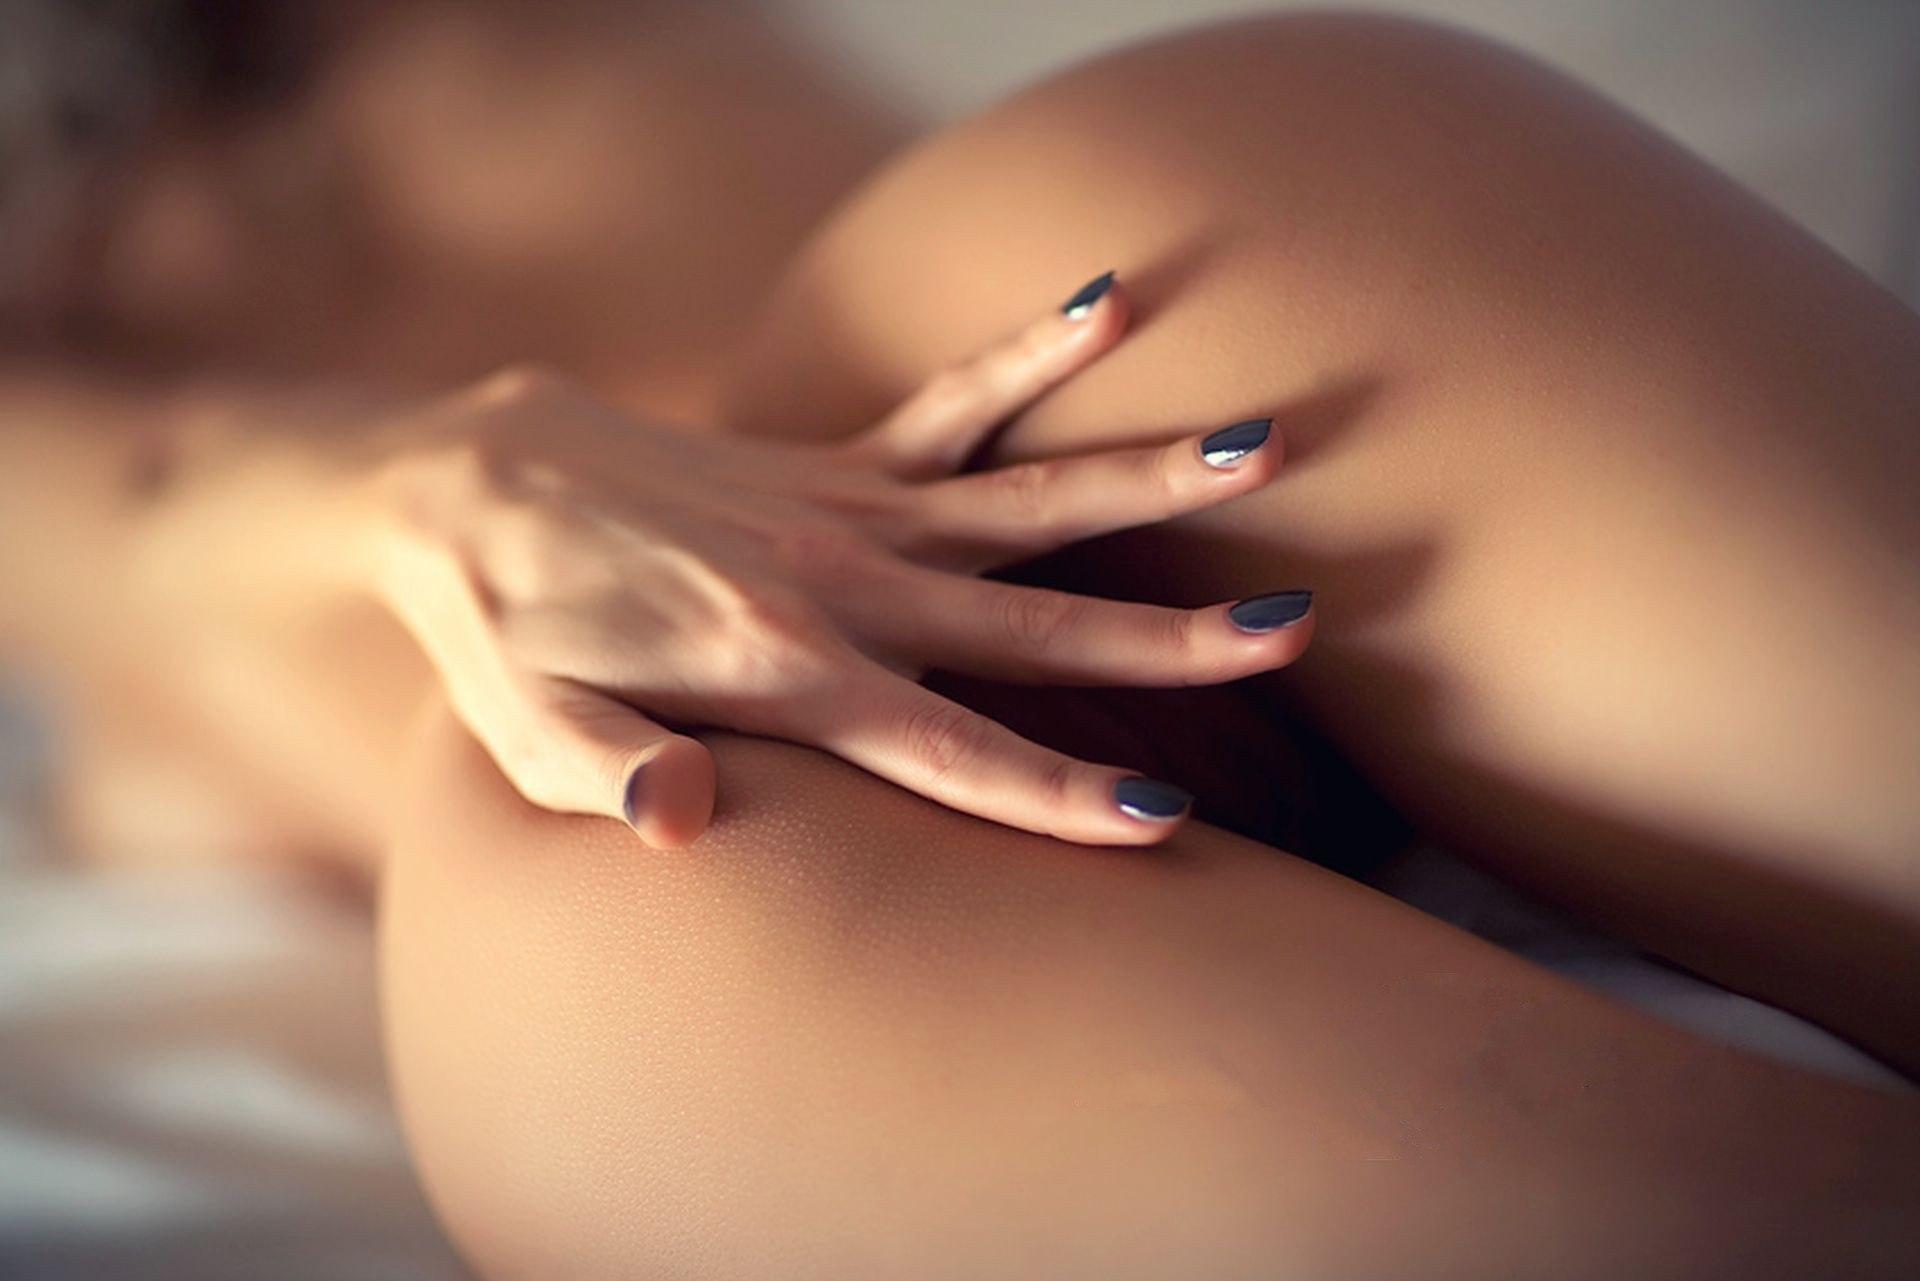 Обнаженные Ее Руки Красиво Лежали